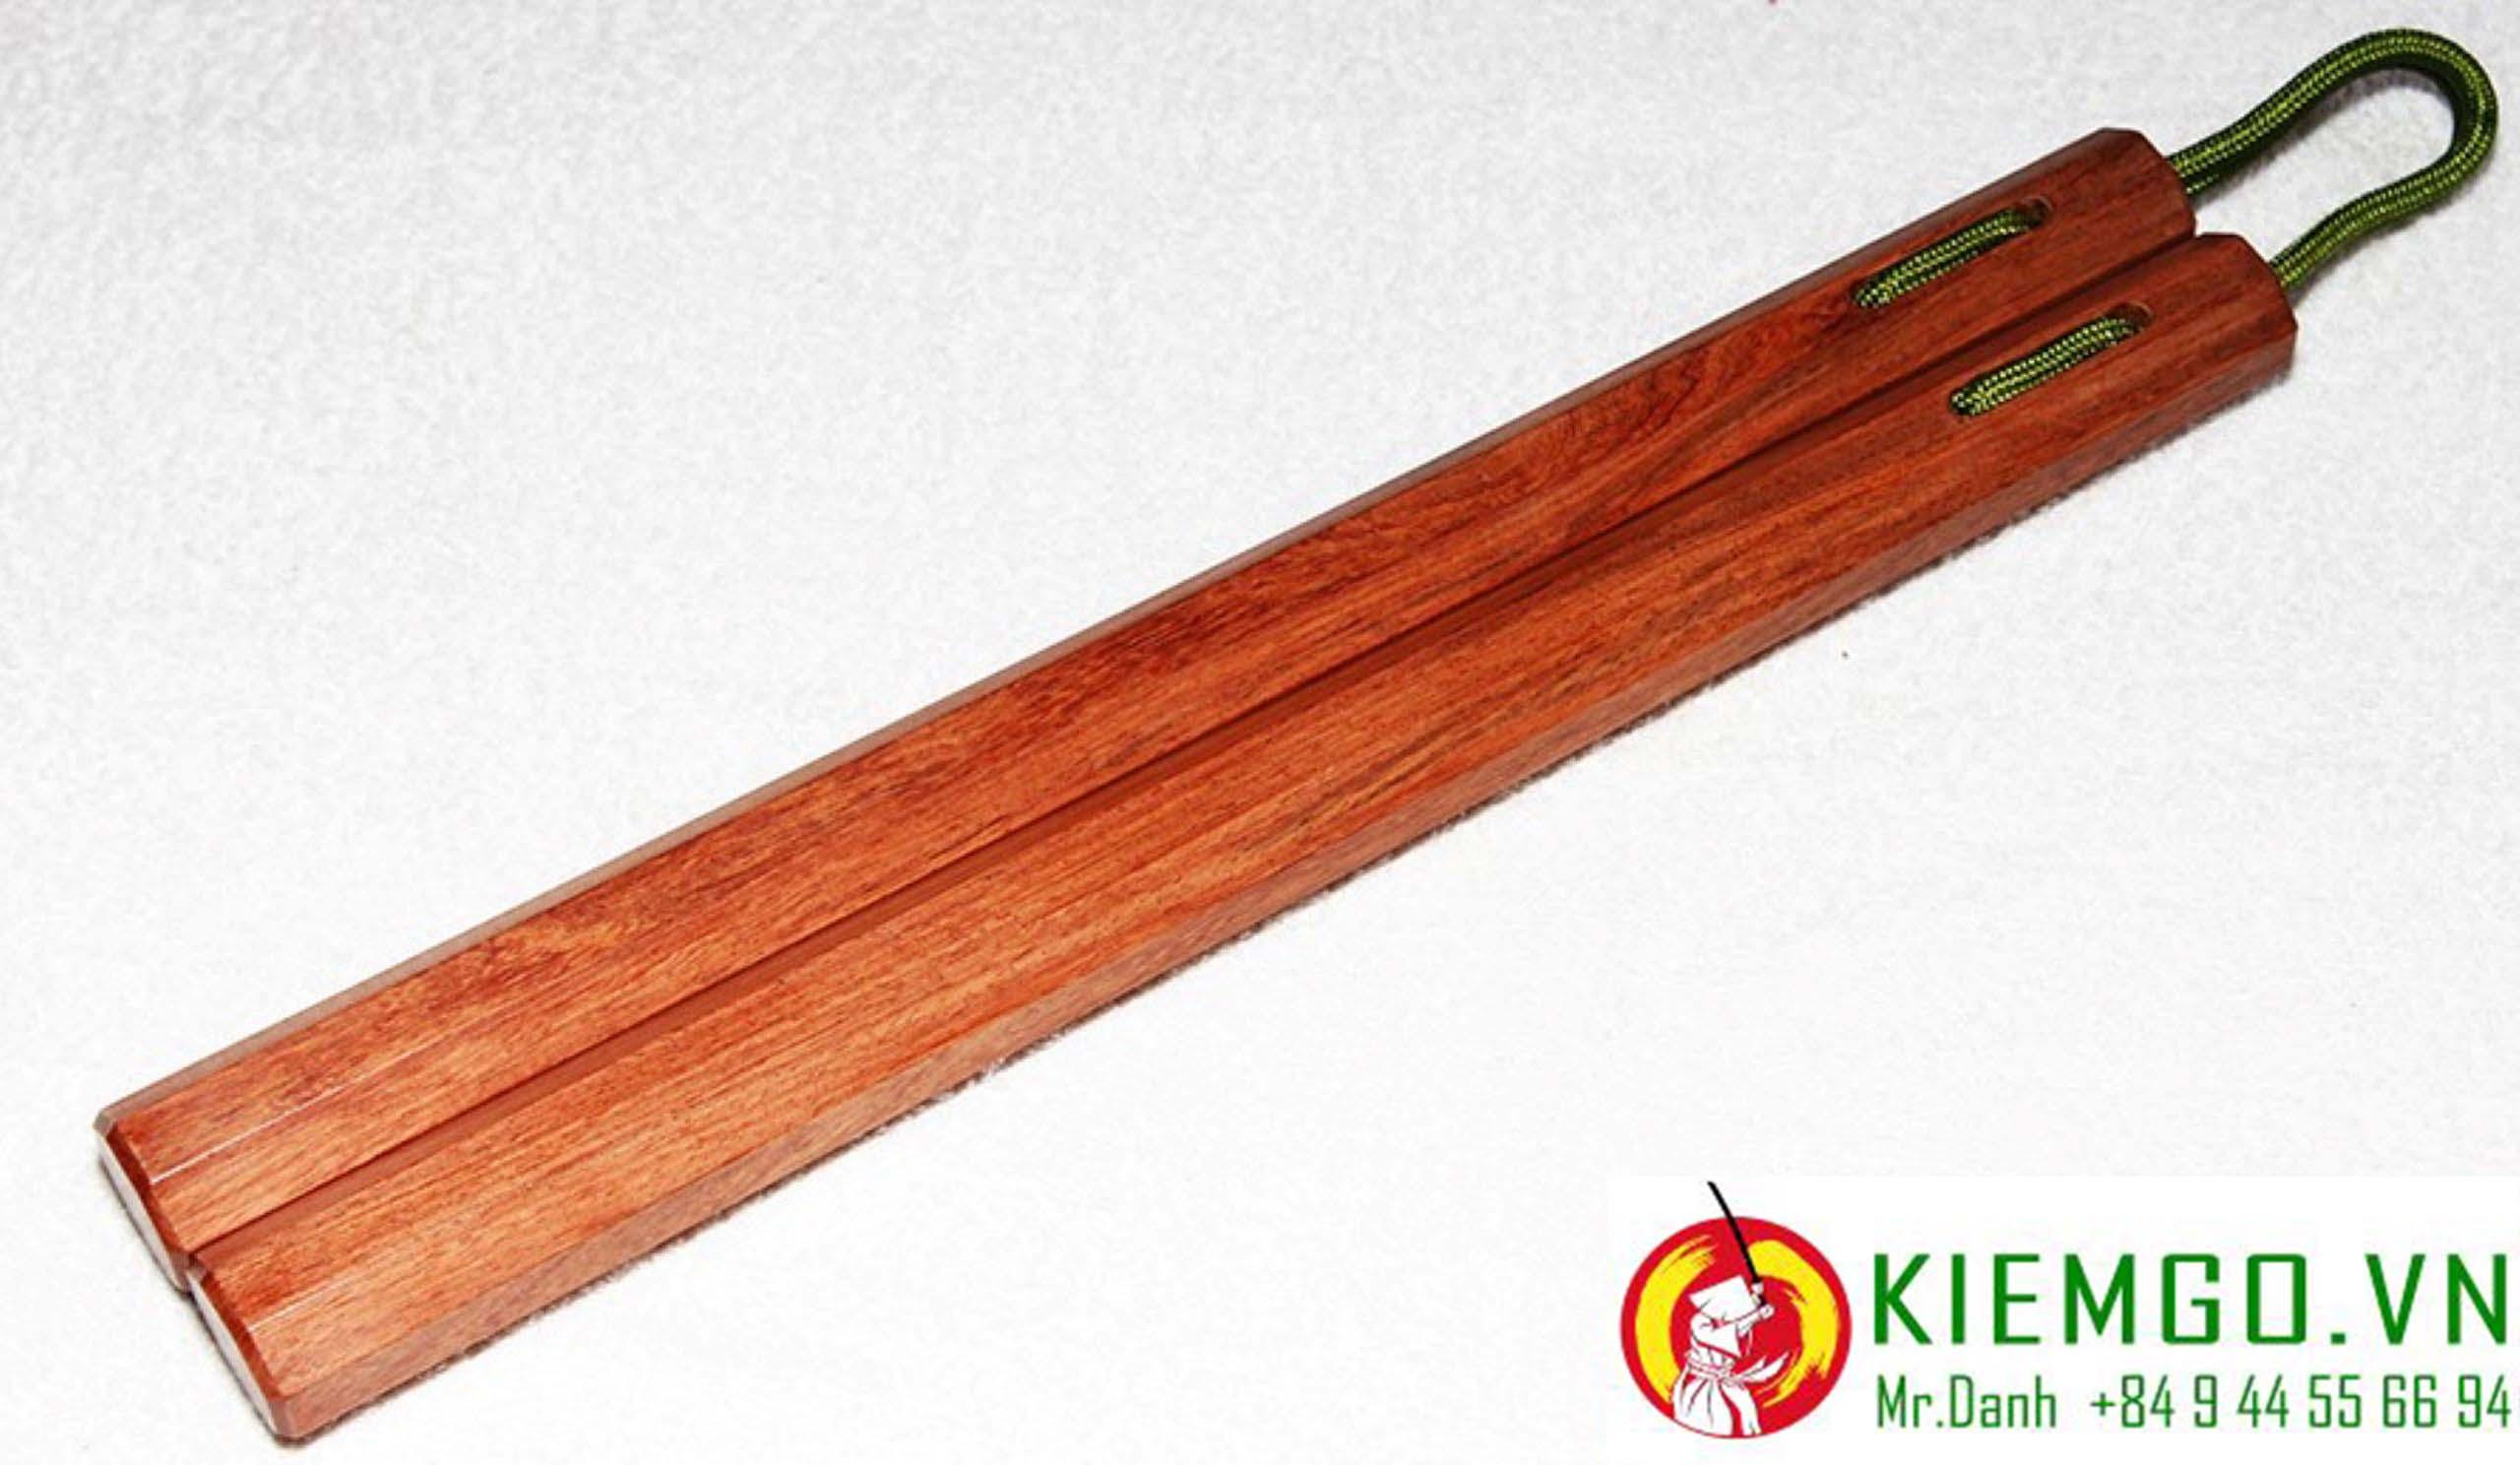 con-nhi-khuc-go-huong côn nhi khúc gỗ hương bát giác dây dù được chế tác từ gỗ hương Việt Nam, chất gỗ cứng vừa, dẽo dai, màu sắc gỗ khá đẹp mắt, vân gỗ nổi bật, côn được gia công chuẩn, kết nối dây dù dẻo dai bền chắc, linh hoạt